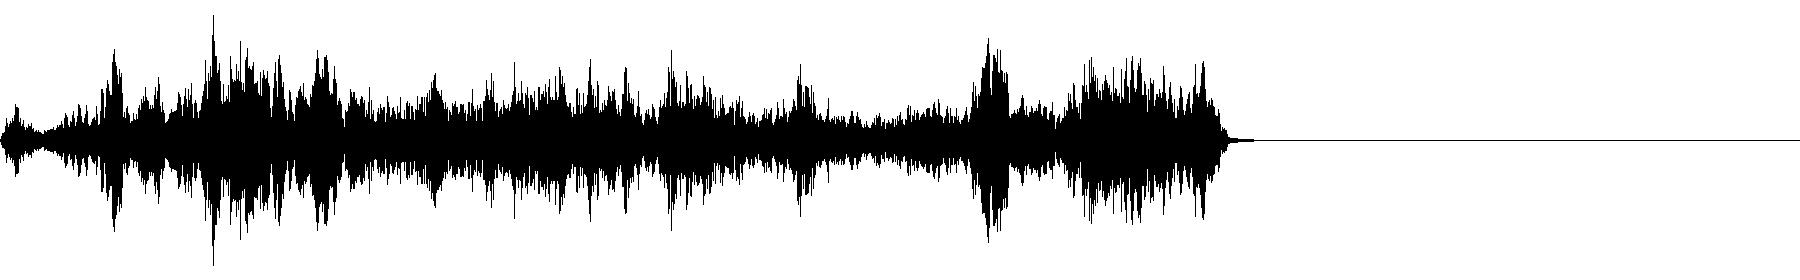 bluezone xworld sound 020